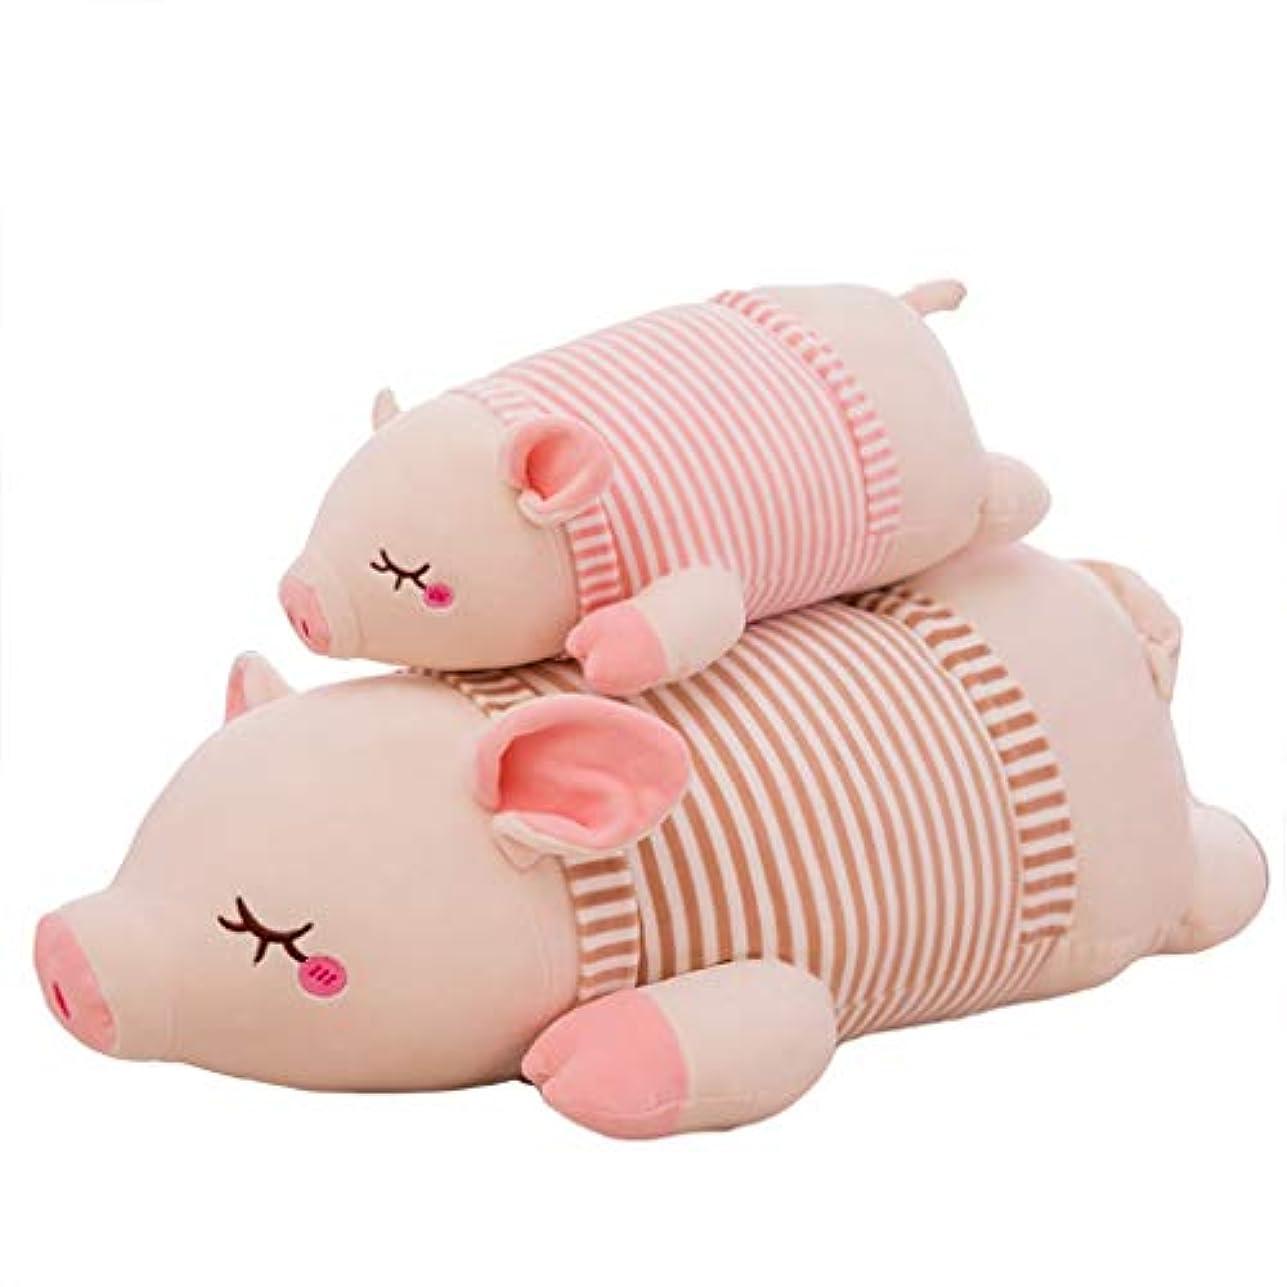 限りゴルフささいな豚 ぬいぐるみ 伏せ すやすや寝る かわいい 超萌え ふわふわ 癒し 寝かしつけ用 おもちゃ 置物 装飾 インテリア お誕生日 記念日 お祝い 贈り物 プレゼント 子供 彼女 柔らかい 抱き心地良い ベッドサイド ぶた ストライプ 80cm